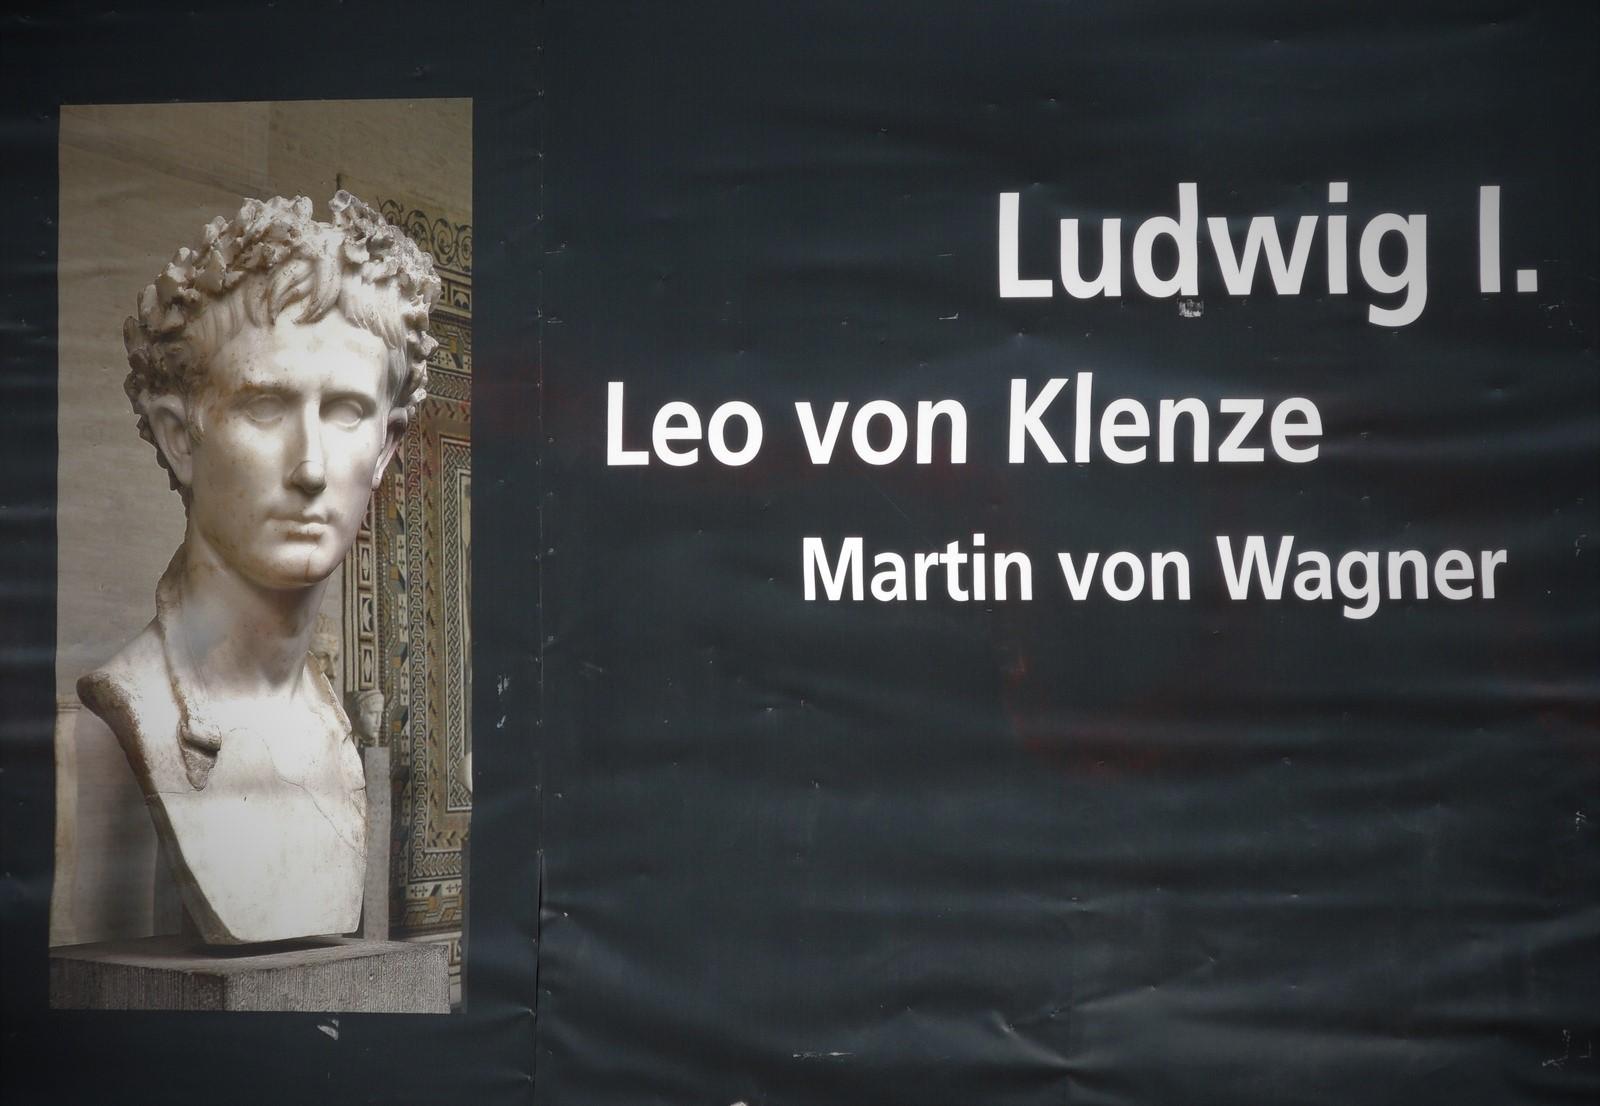 Ludwig I., Leo von Klenze, Martin von Wagner